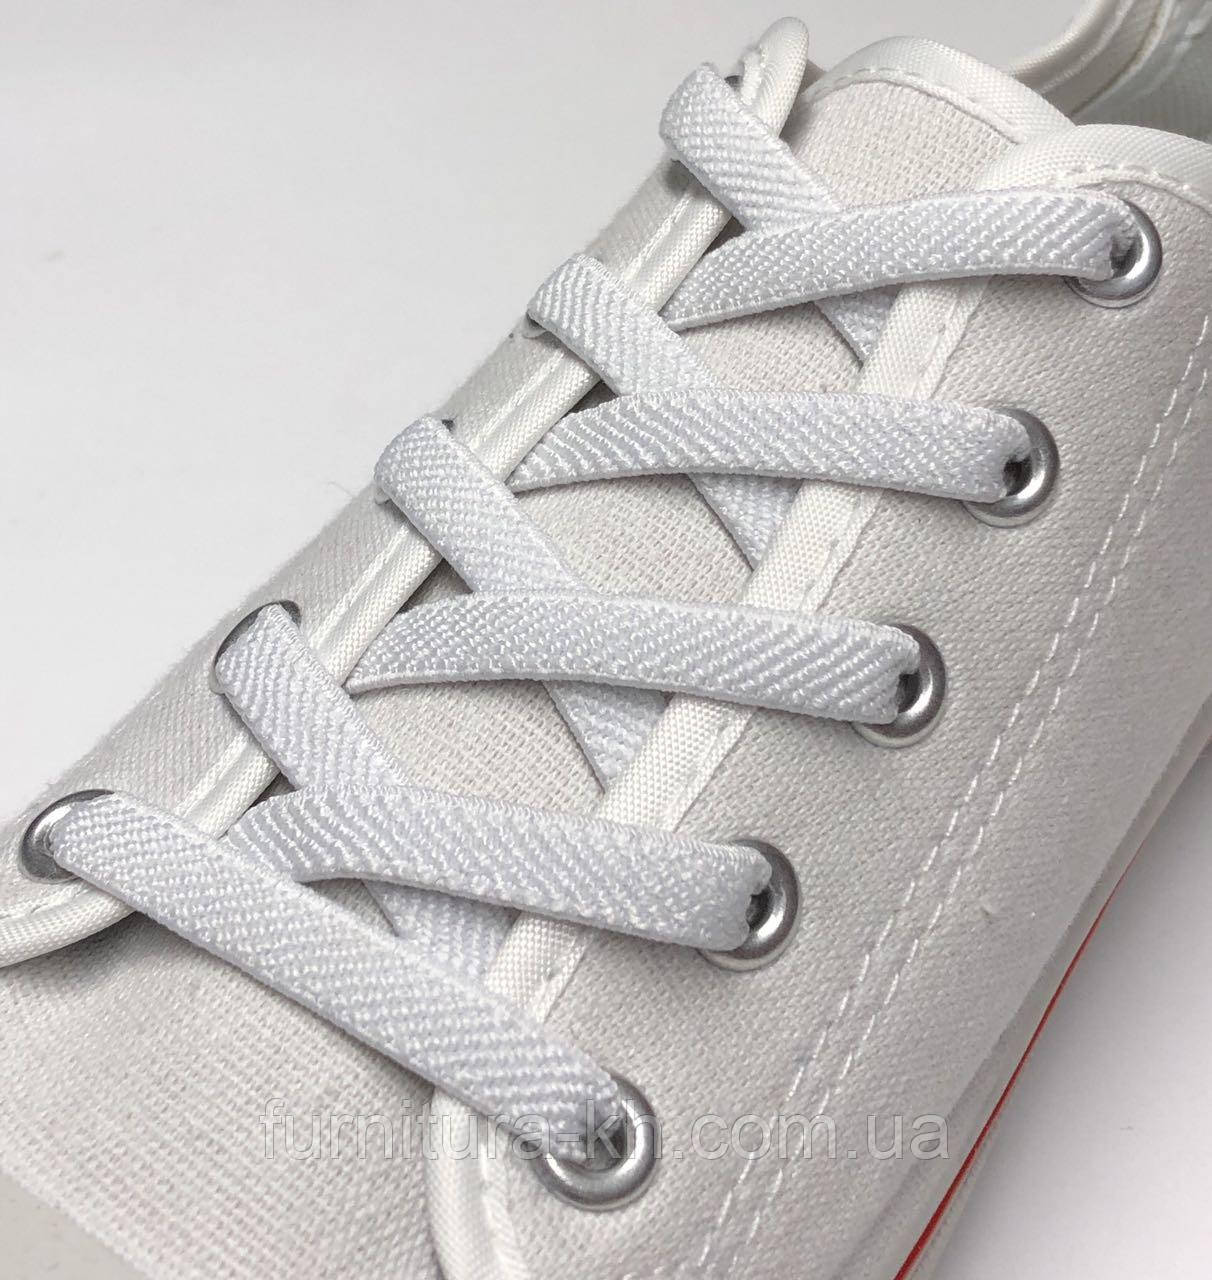 Шнурок Резиновый Плоский-Цвет Белый (толщина 7 мм).Длинна 0,70 см